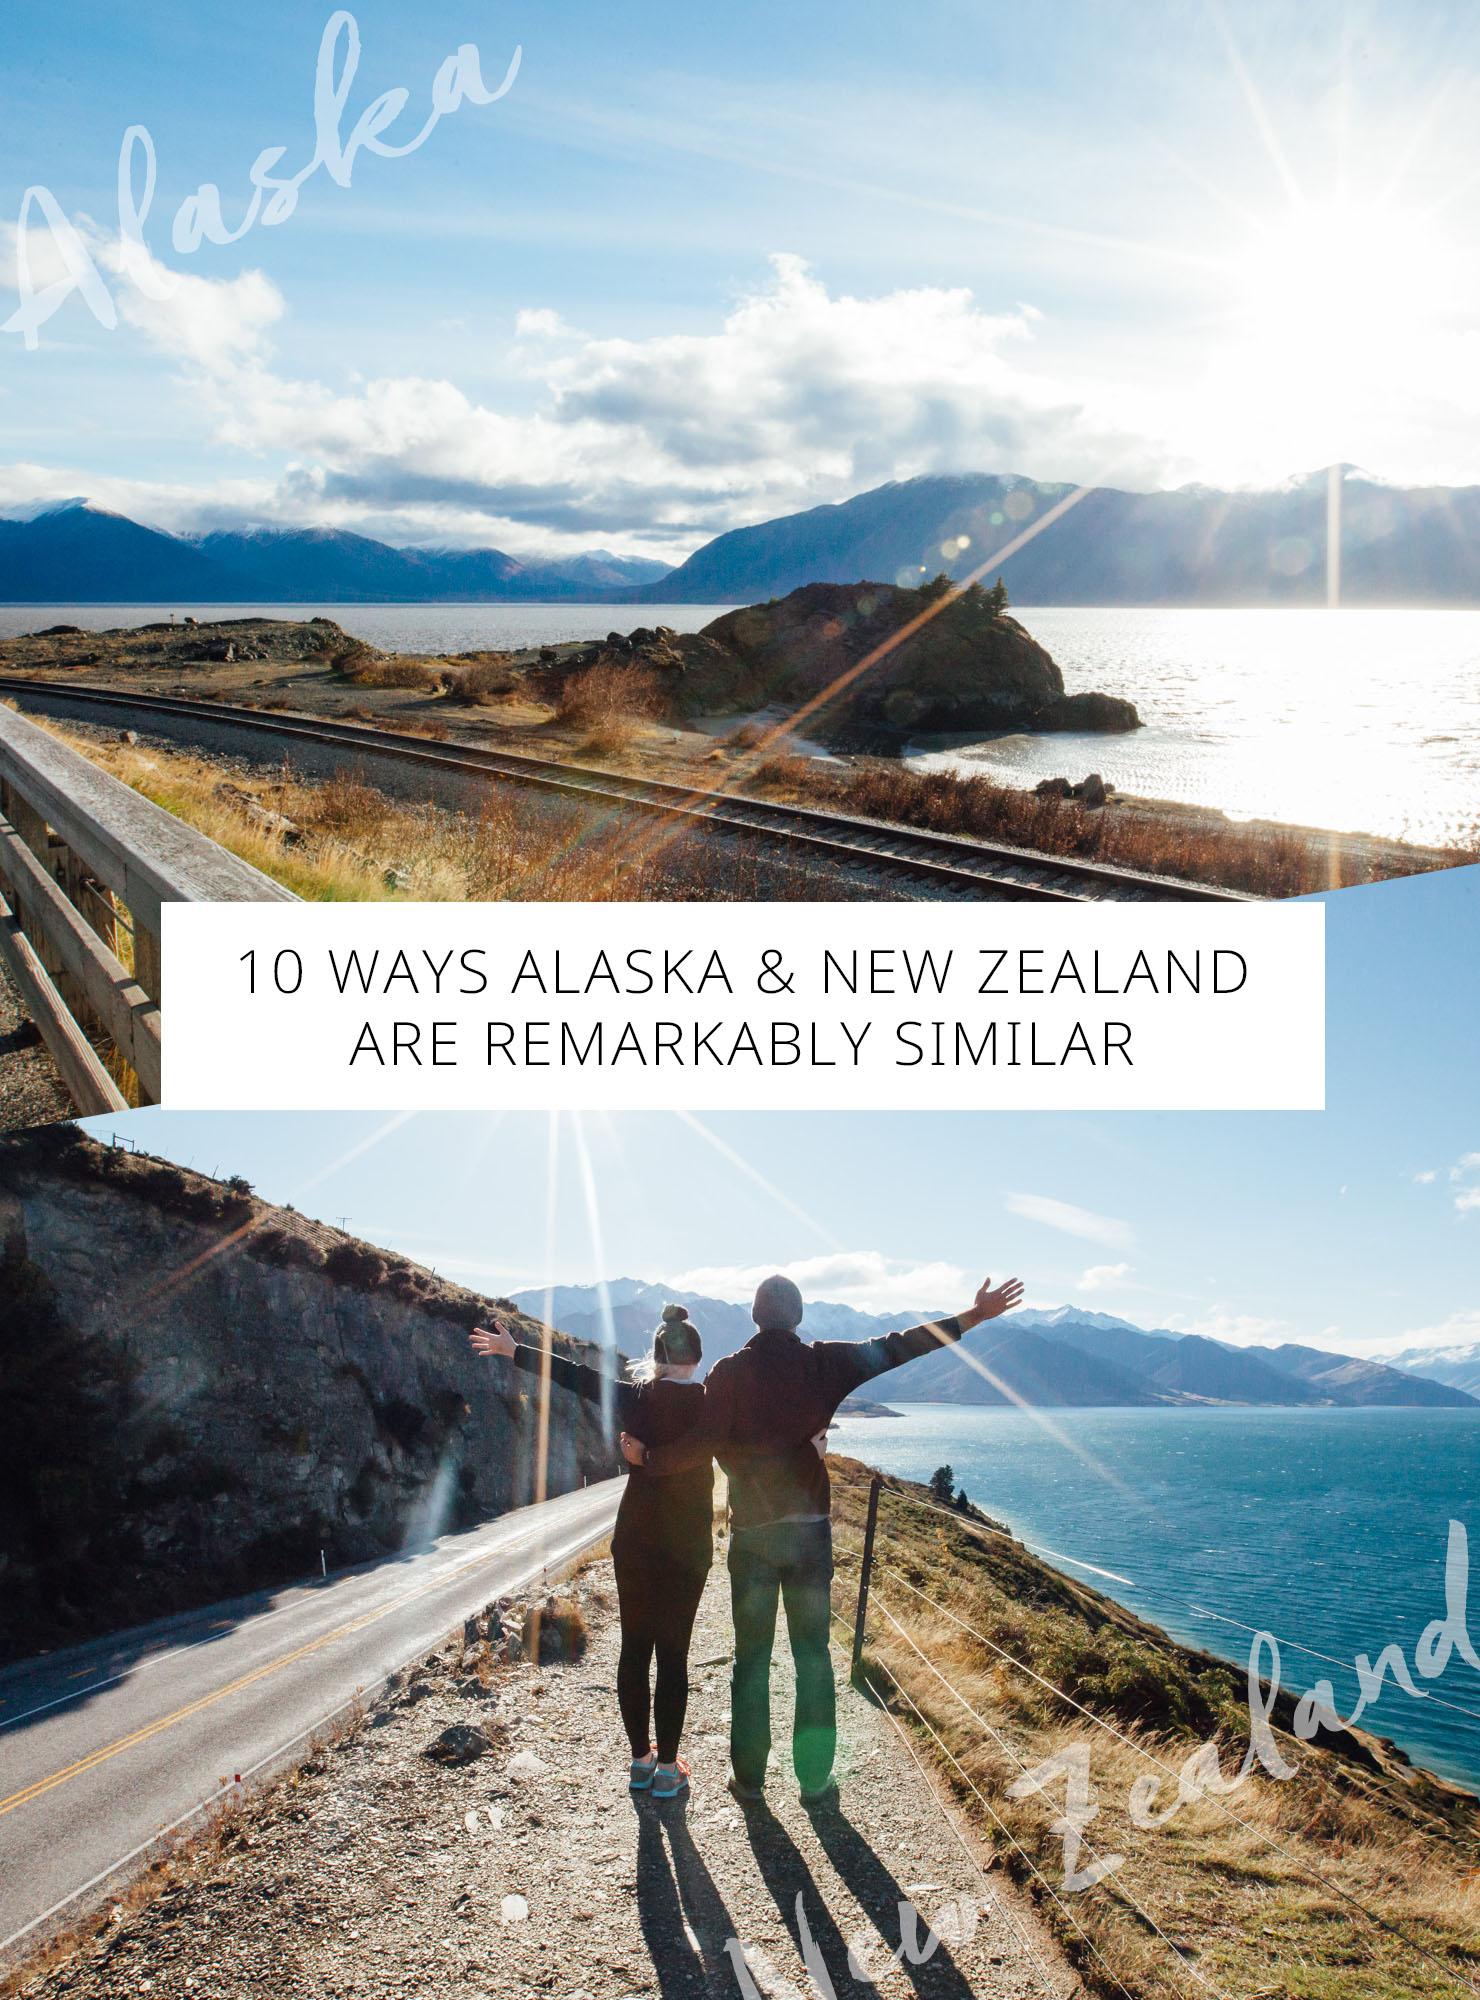 10 Ways Alaska and New Zealand Are Remarkably Similar